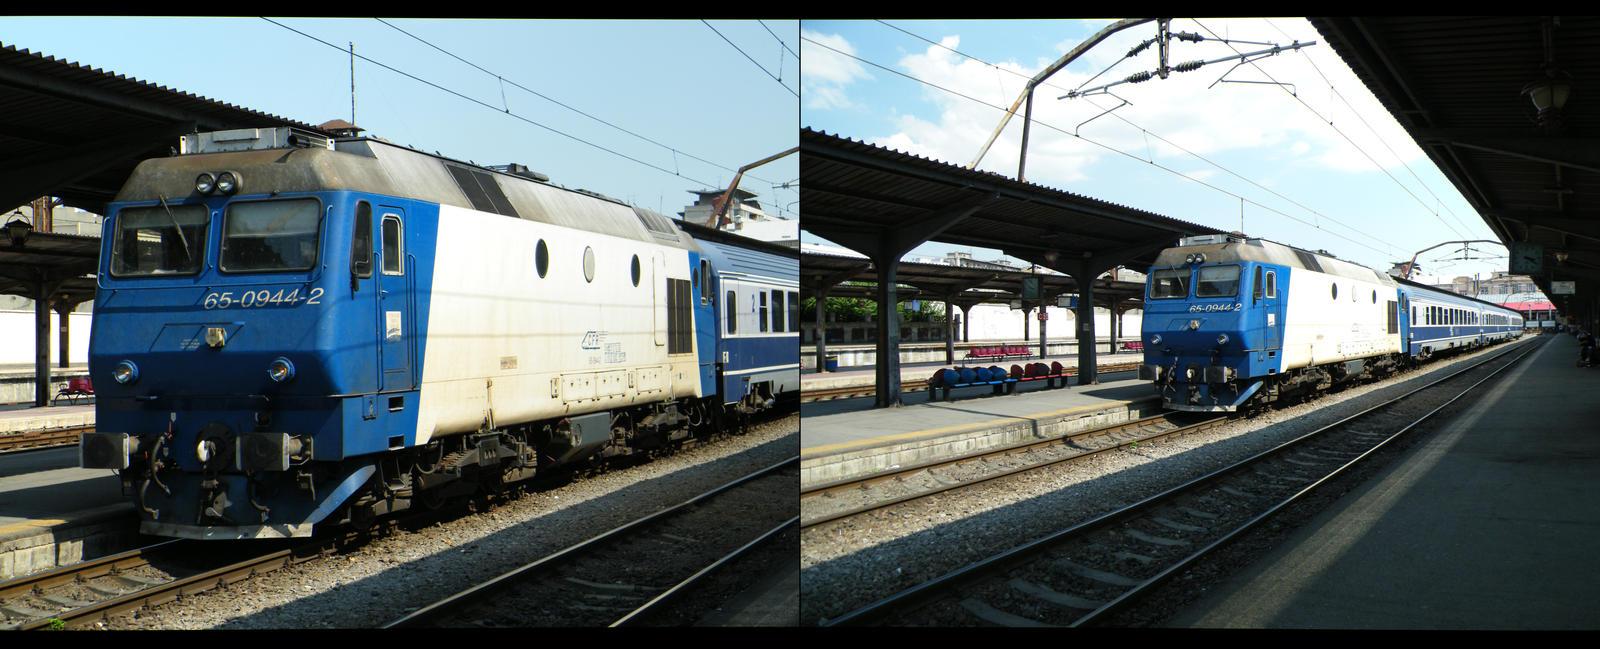 Locomotiva 65 - 0944 -2 by Cipgallery